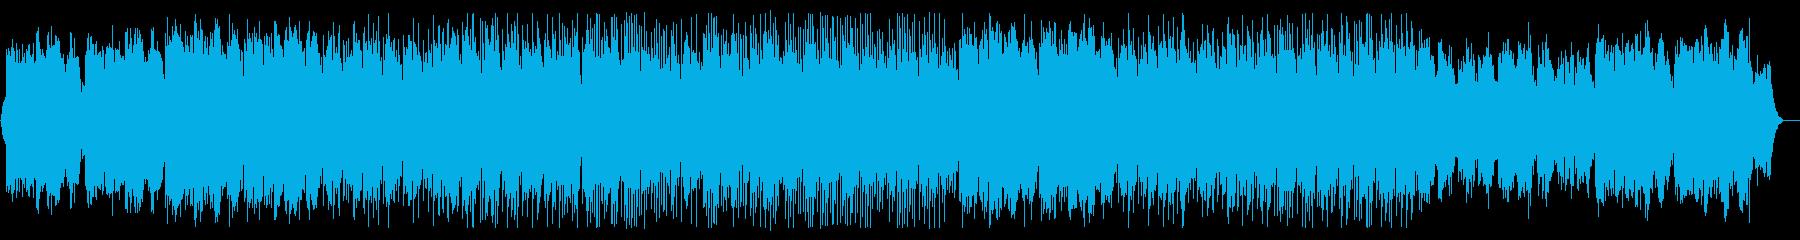 和風の琴や笛の様なふんわりした優しい曲の再生済みの波形